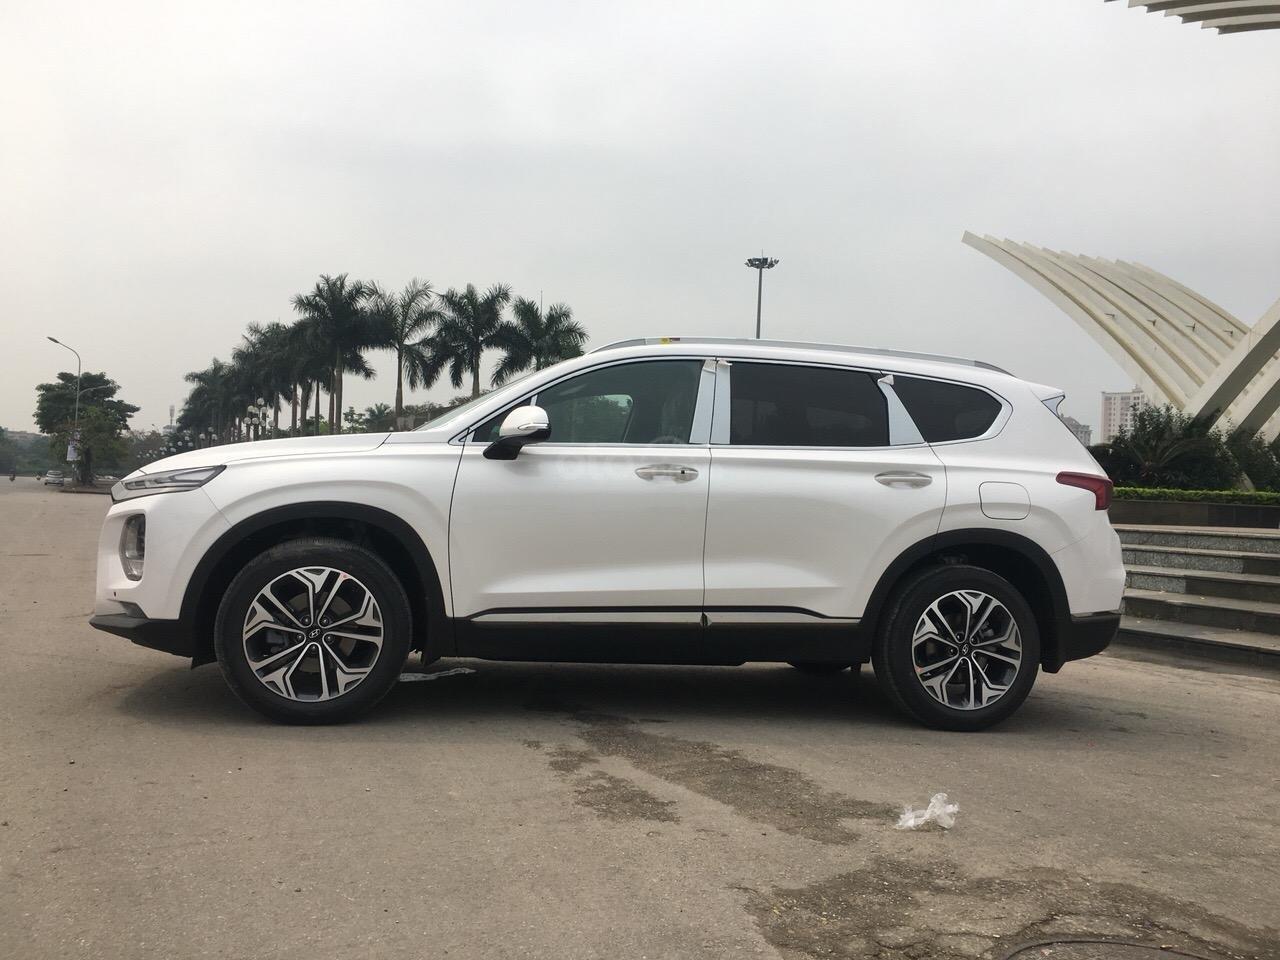 Bán Hyundai Santa Fe 2019 Premium, giá cực tốt cùng nhiều phần quà tặng hấp dẫn, sẵn xe giao ngay-1